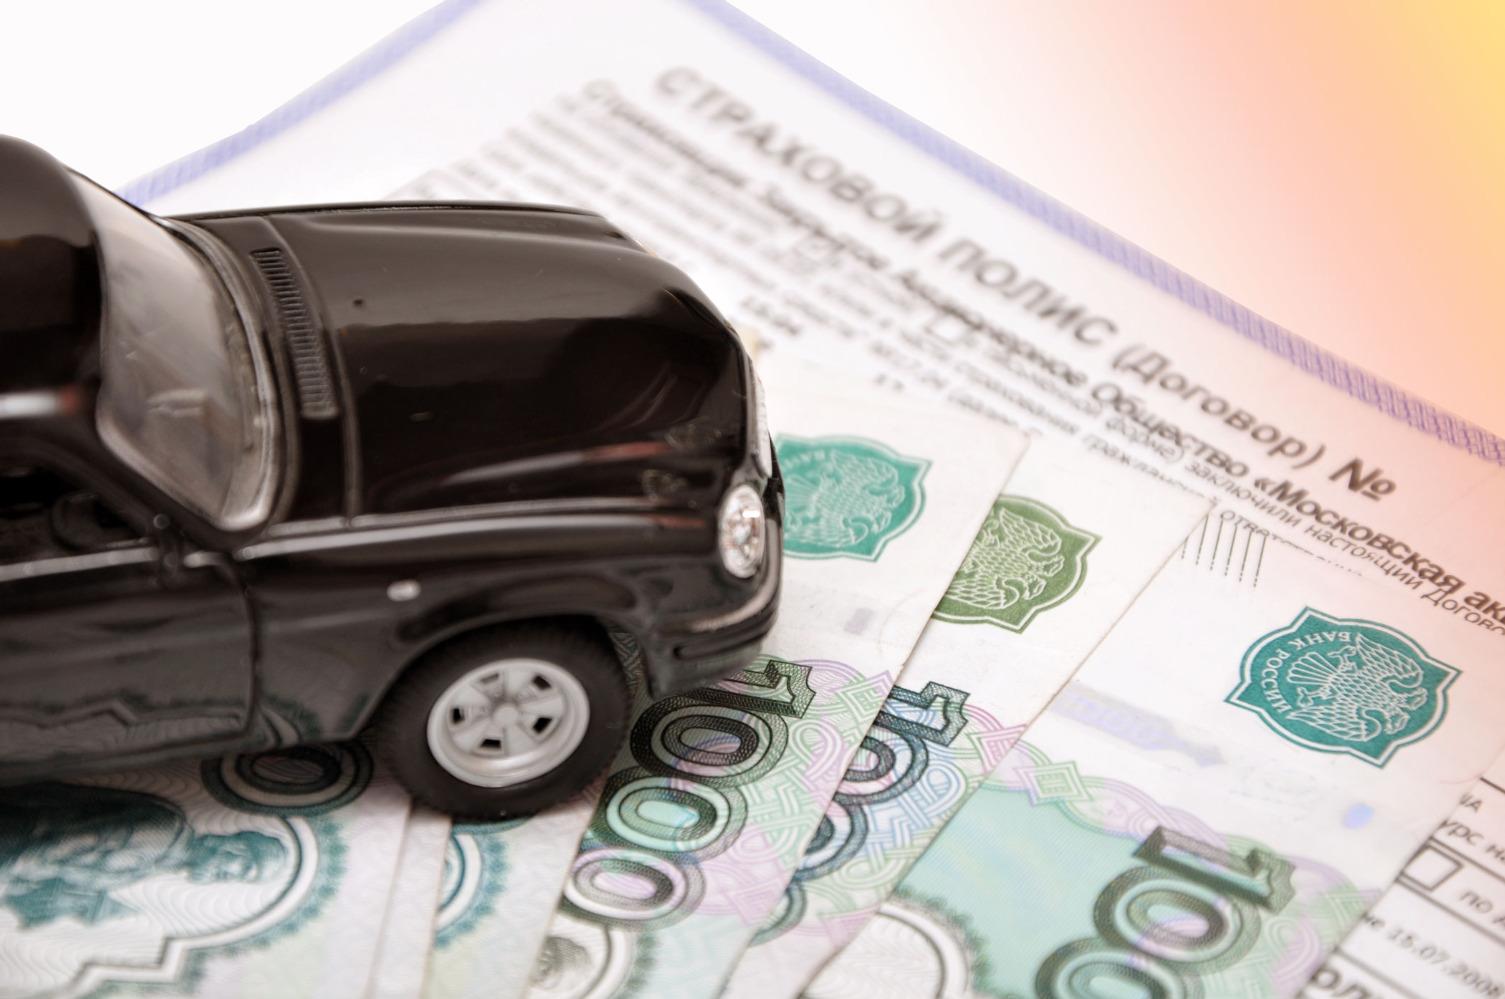 Автомобильное страхование в Хабаровске